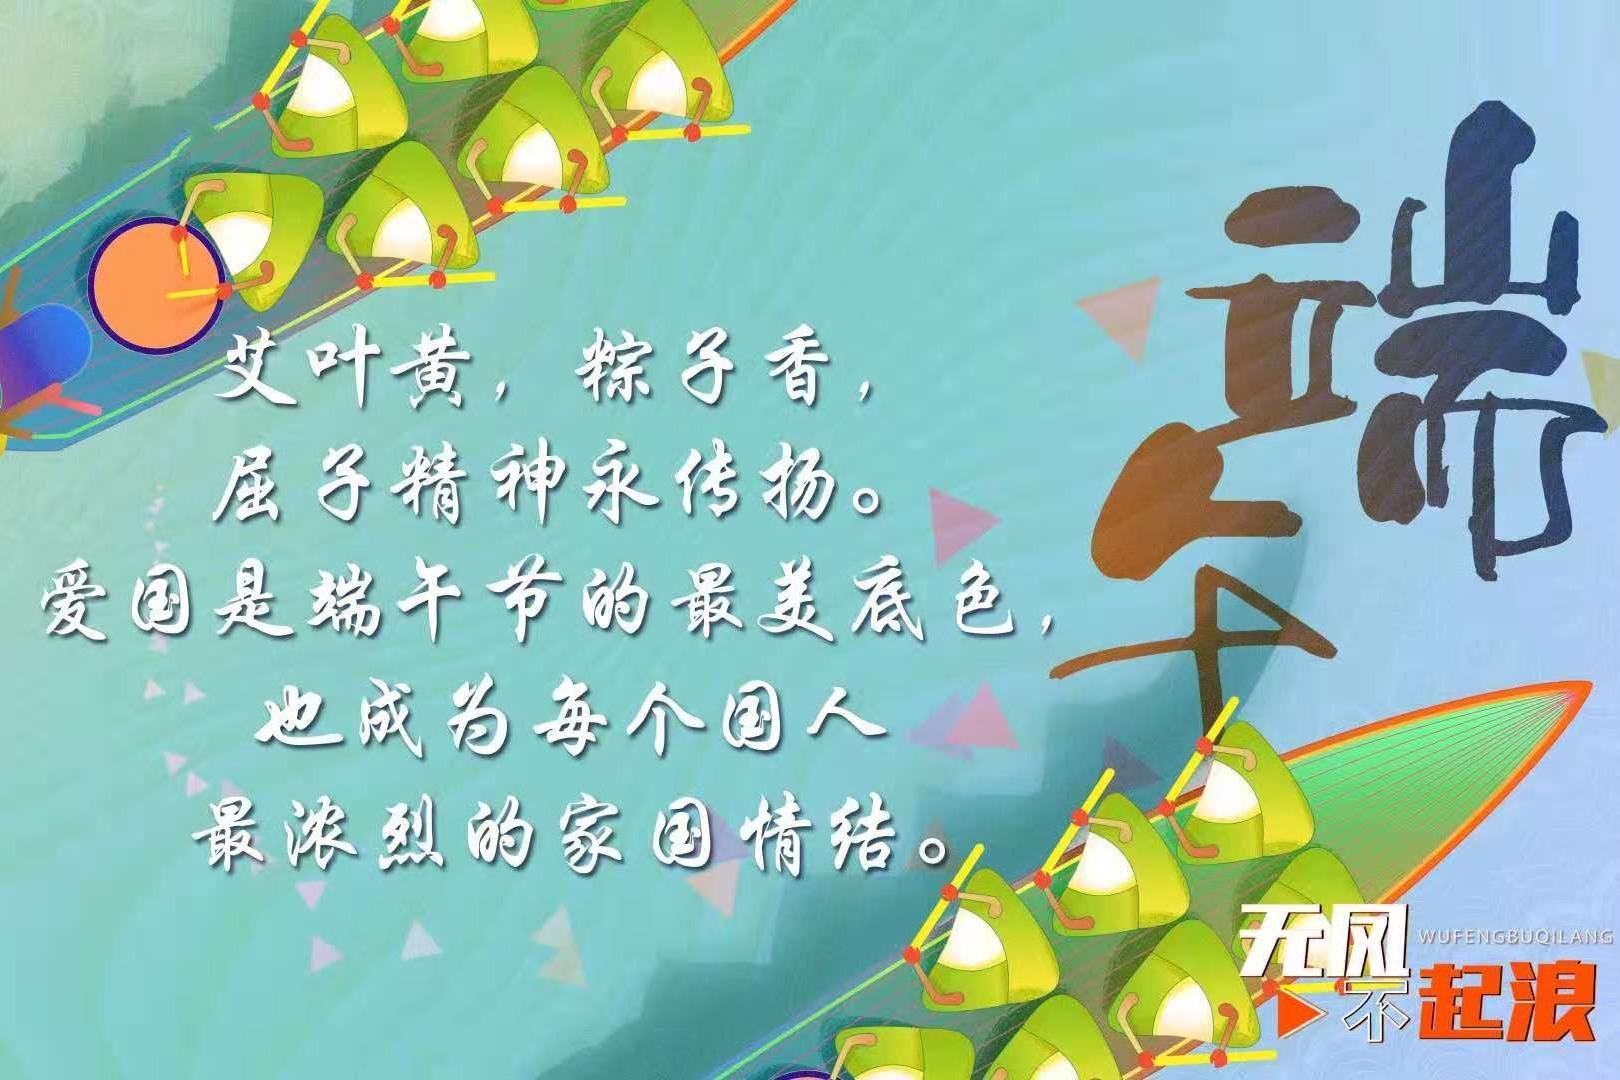 【无凤不起浪】弘扬端午中国味 品抒爱国情深